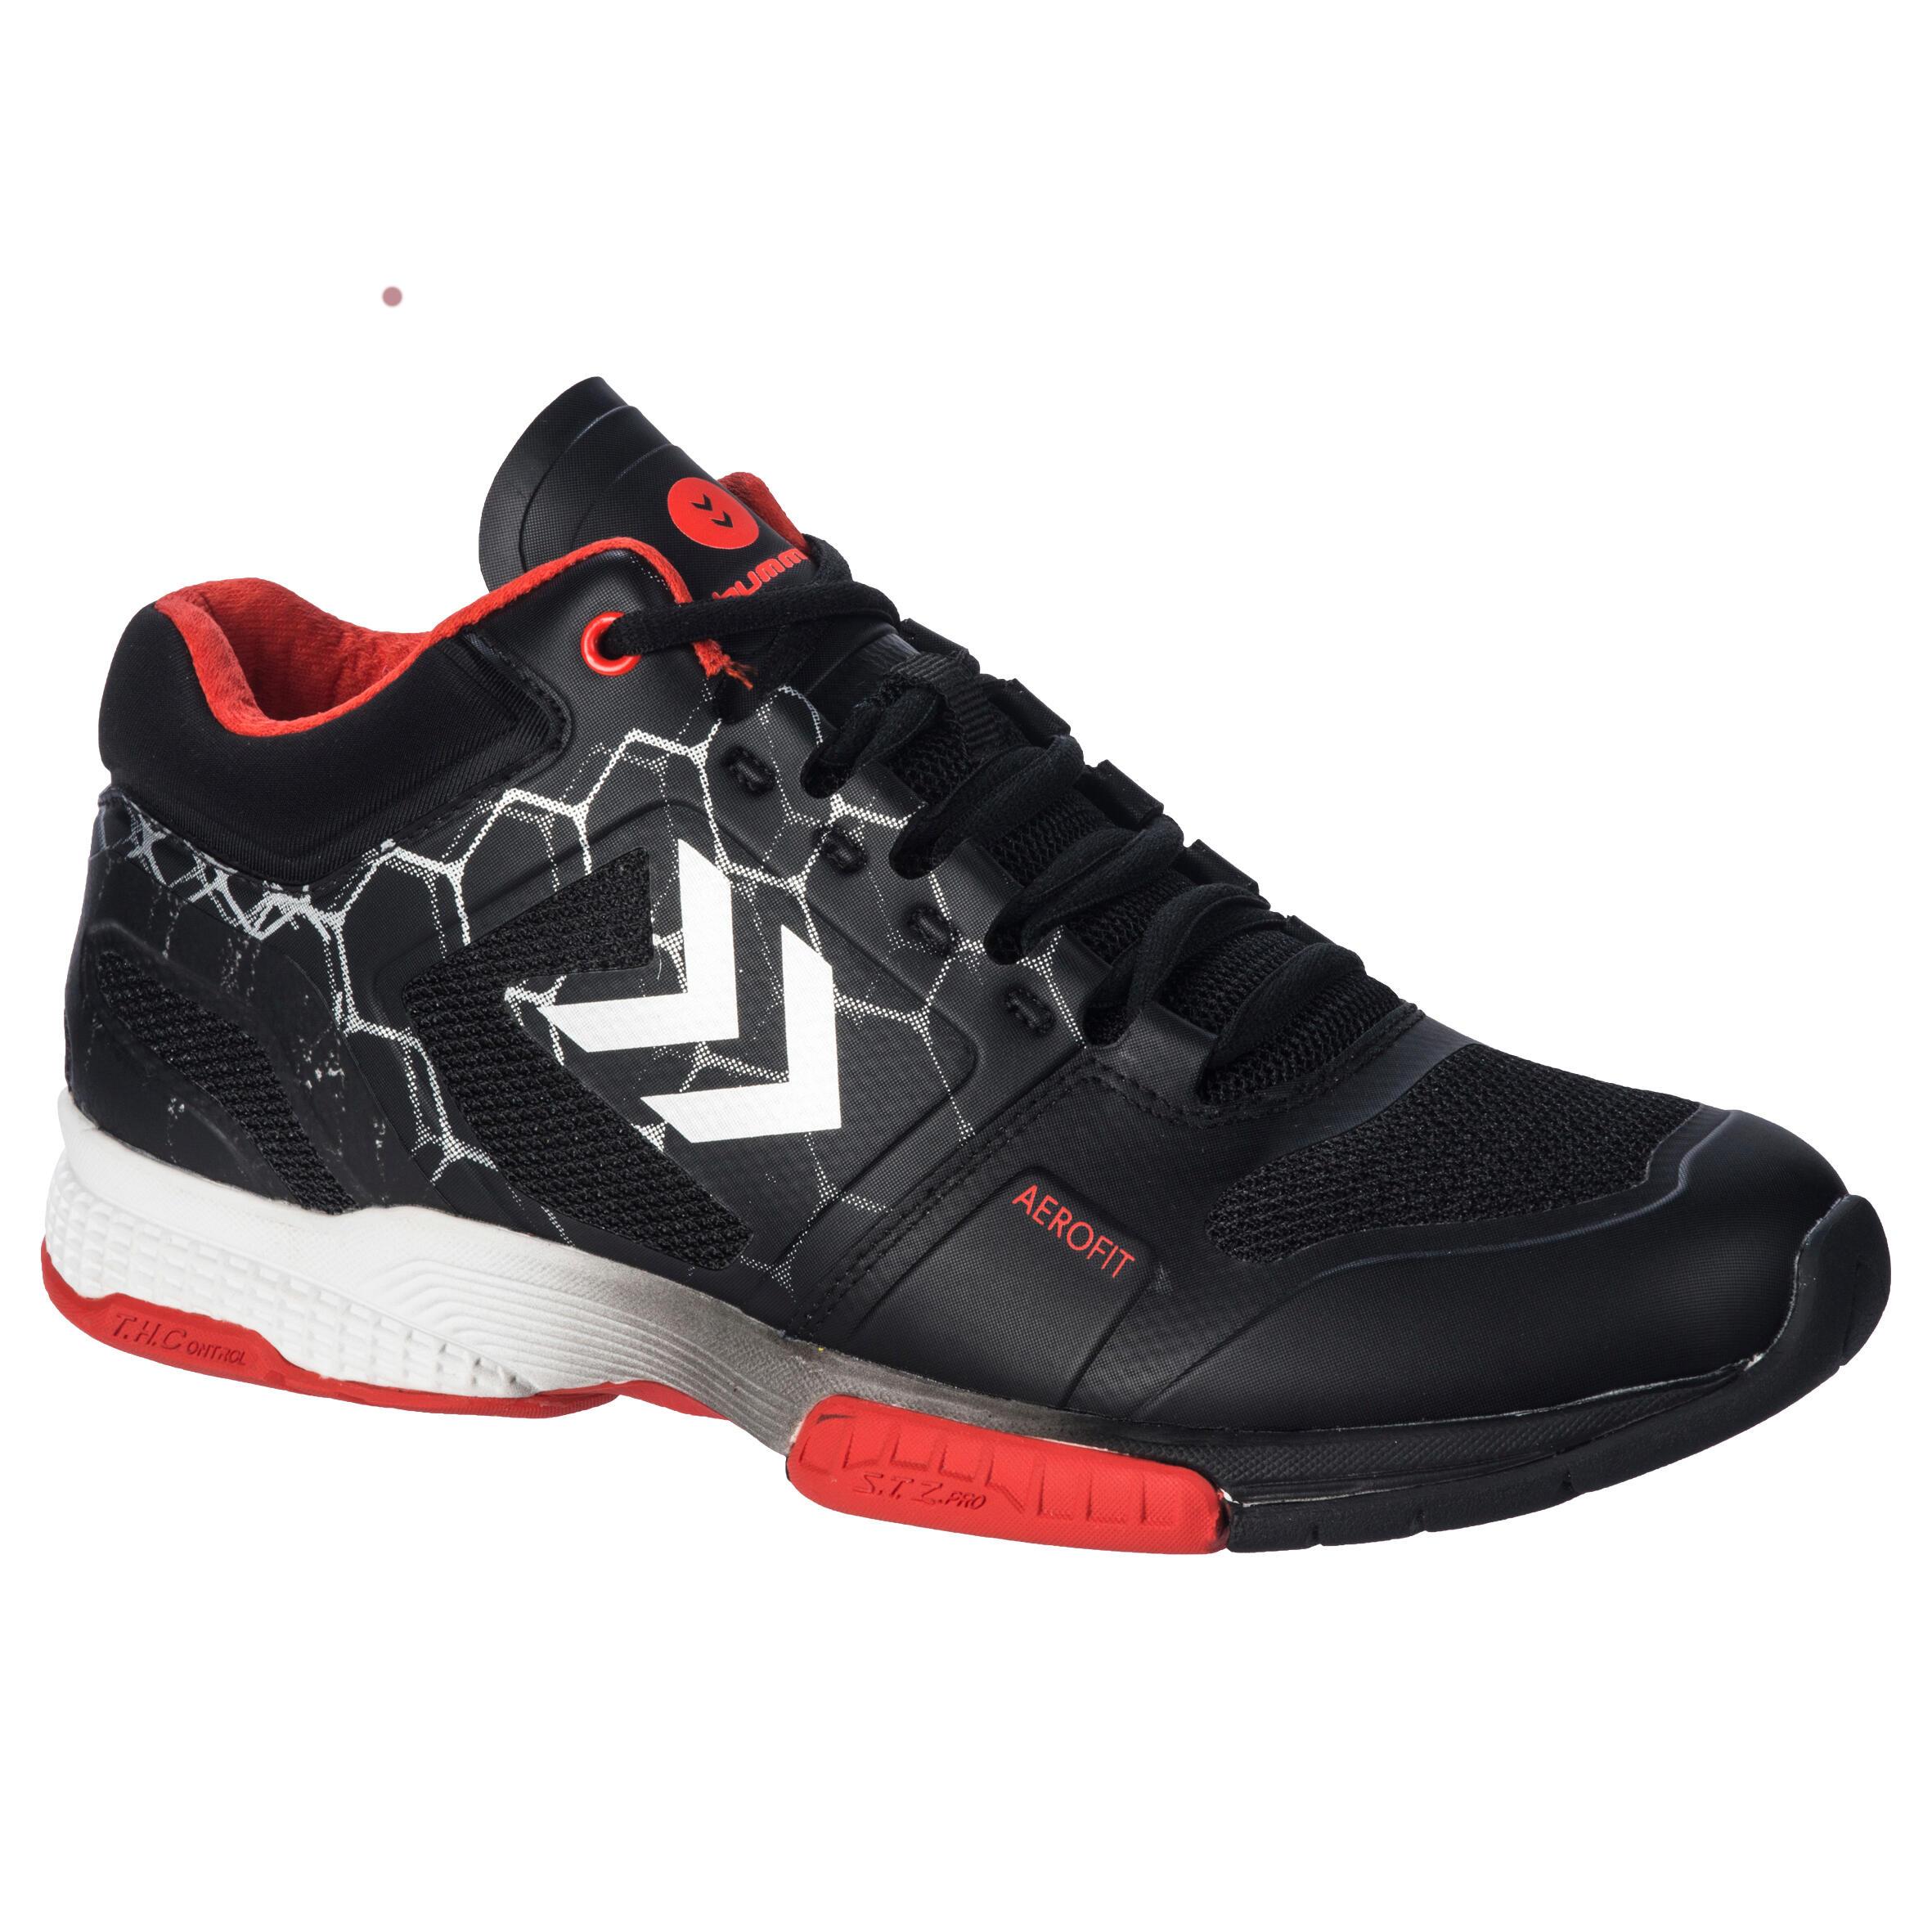 Hummel Handbalschoenen heren HB220 Aerocharge zwart/rood